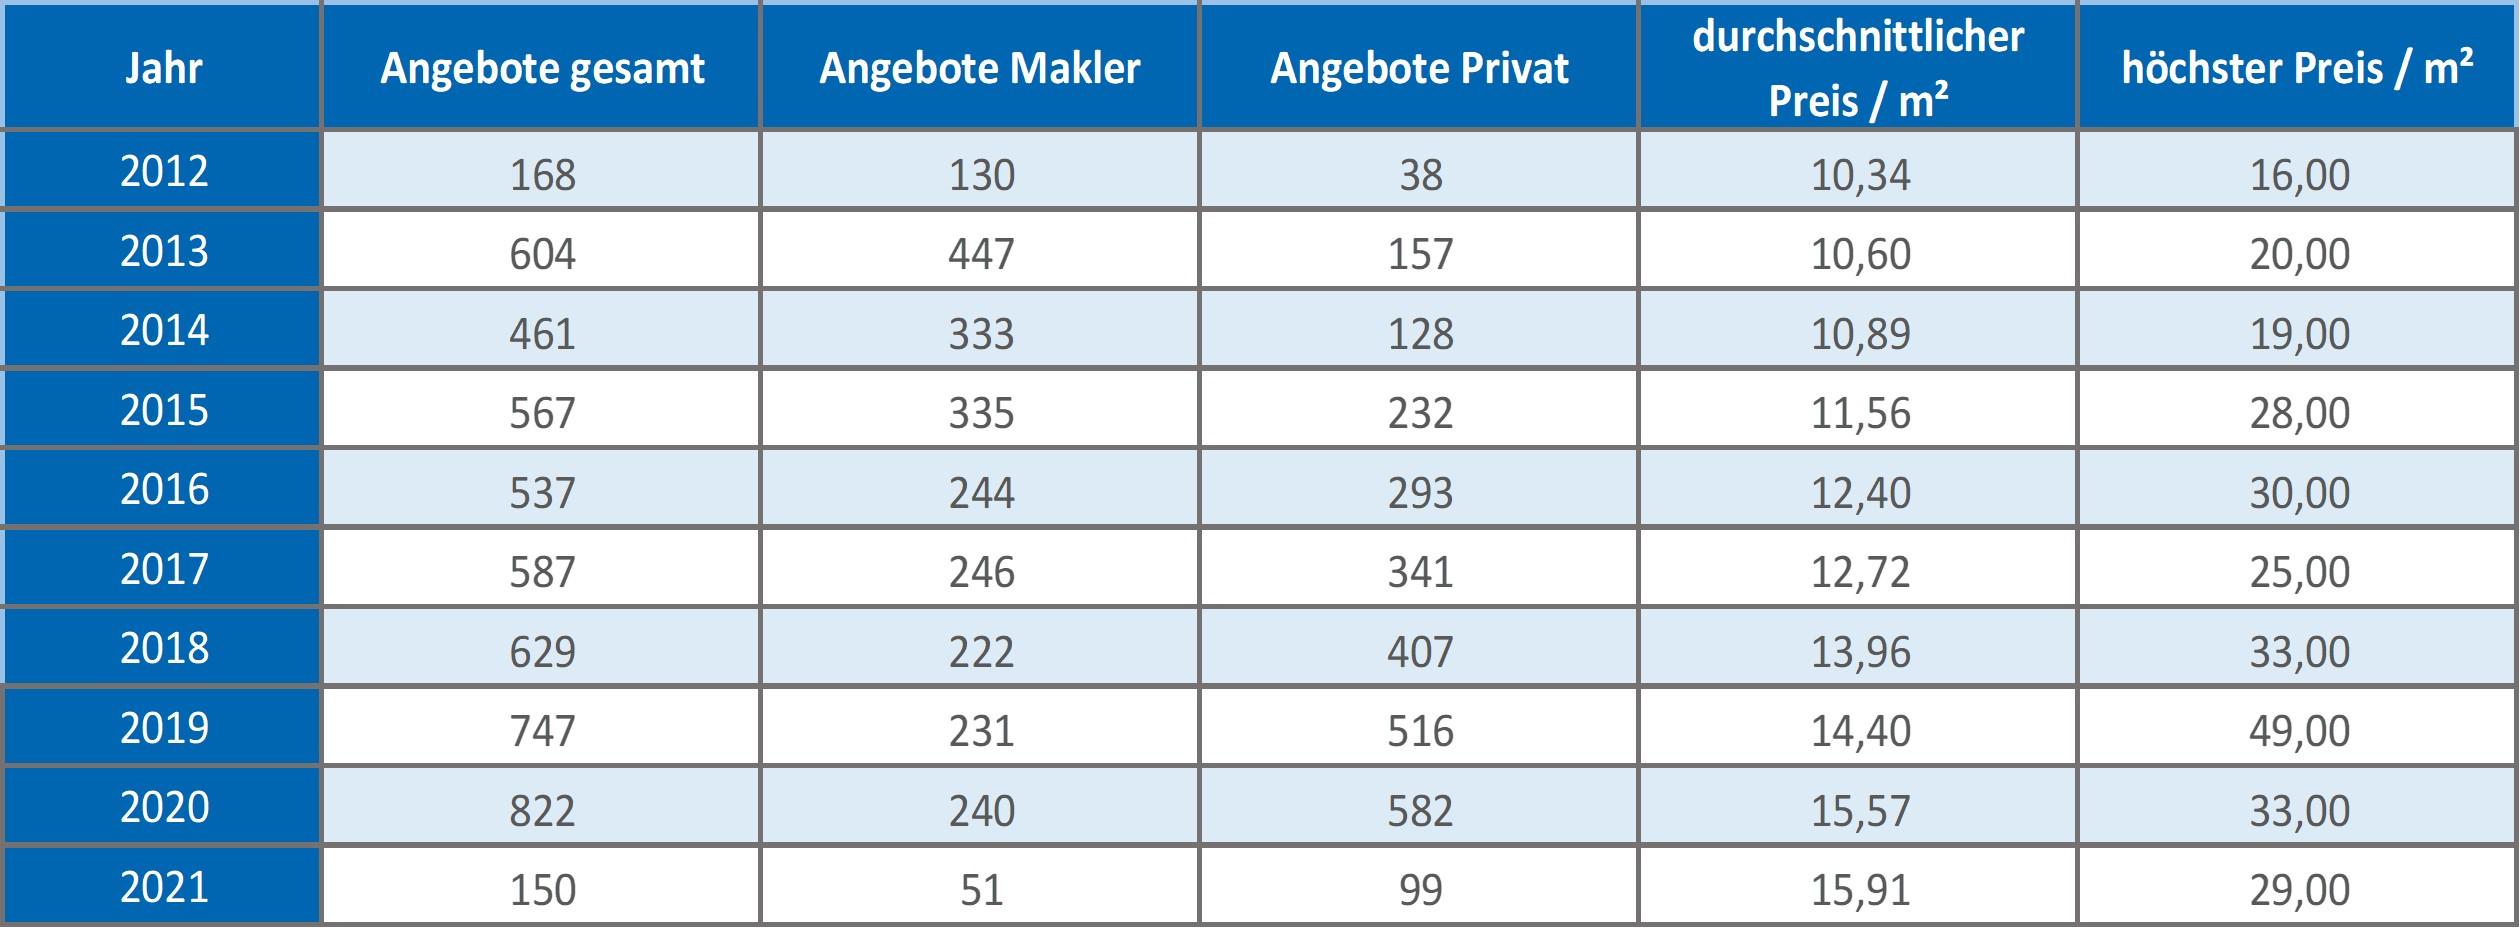 Germering Wohnung mieten vermieten Preis Bewertung Makler www.happy-immo.de 2019 2020 2021